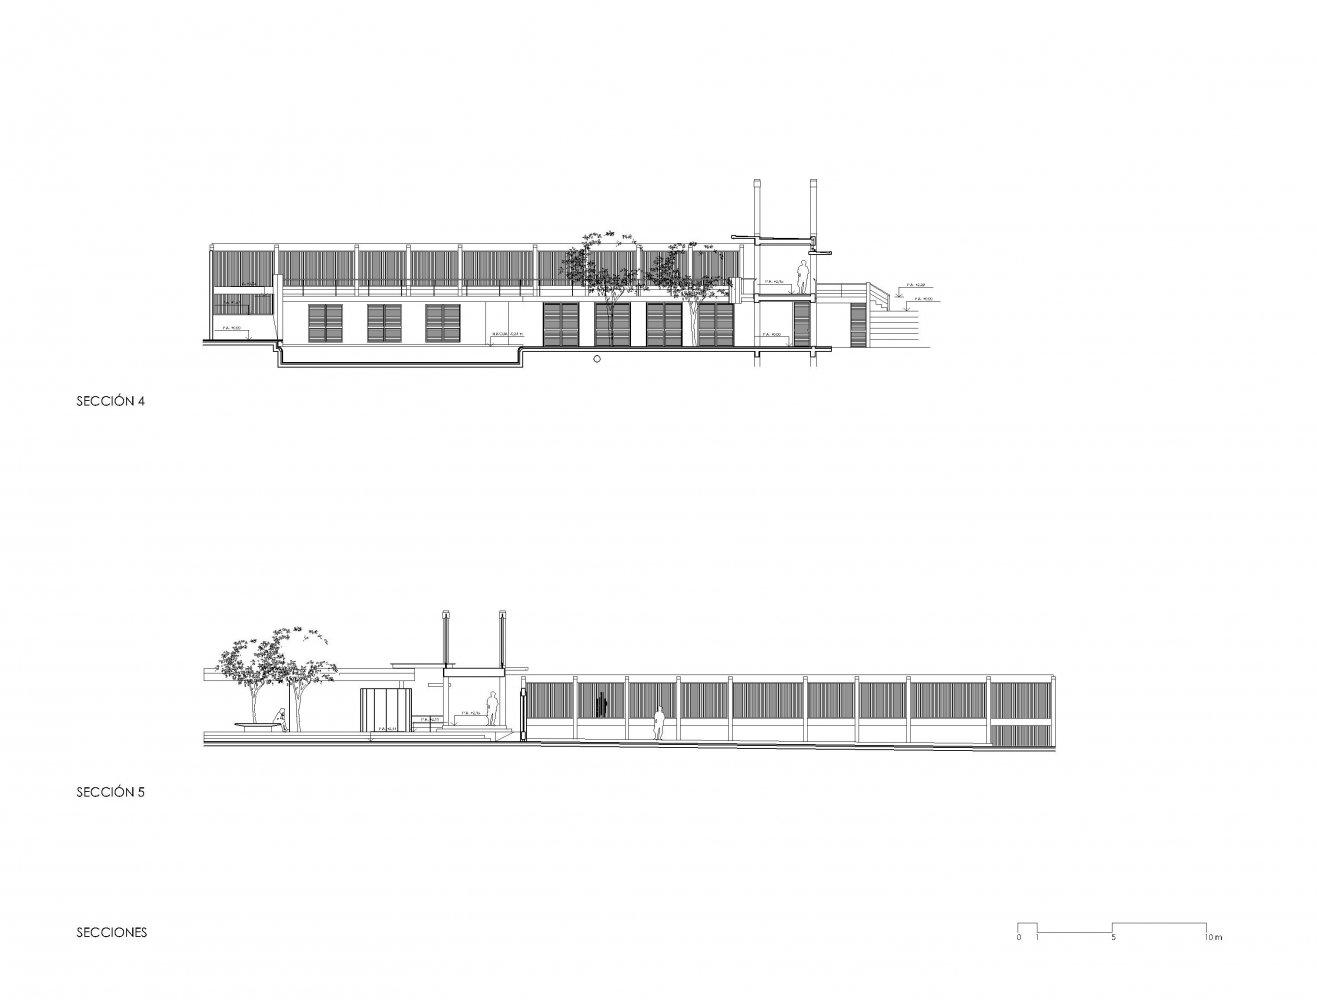 Secciones 4, 5 - SAP